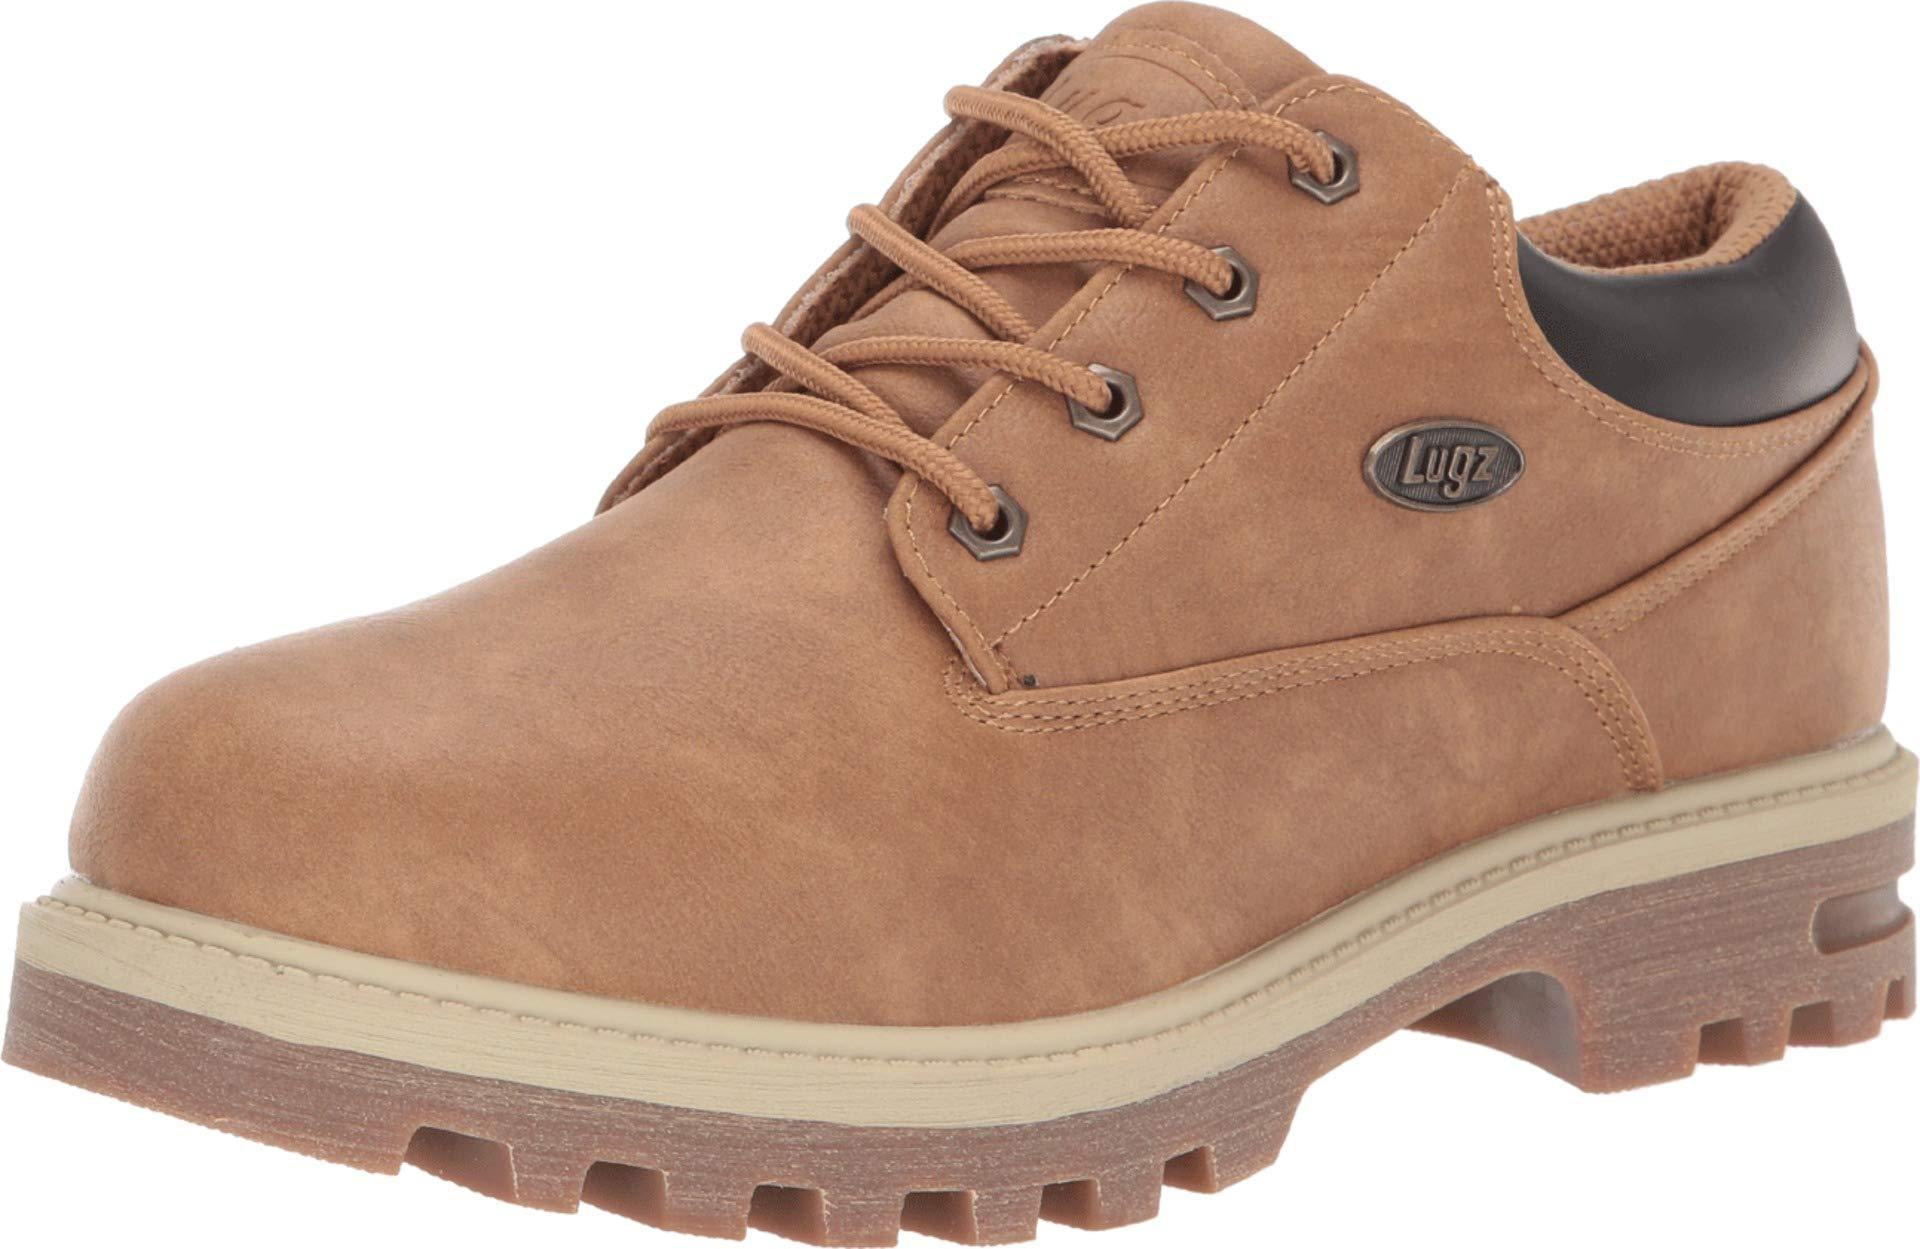 Lugz Men's Empire Lo WR Oxford Boot, Autumn Wheat/bark/Cream/Gum, 10.5 D US by Lugz